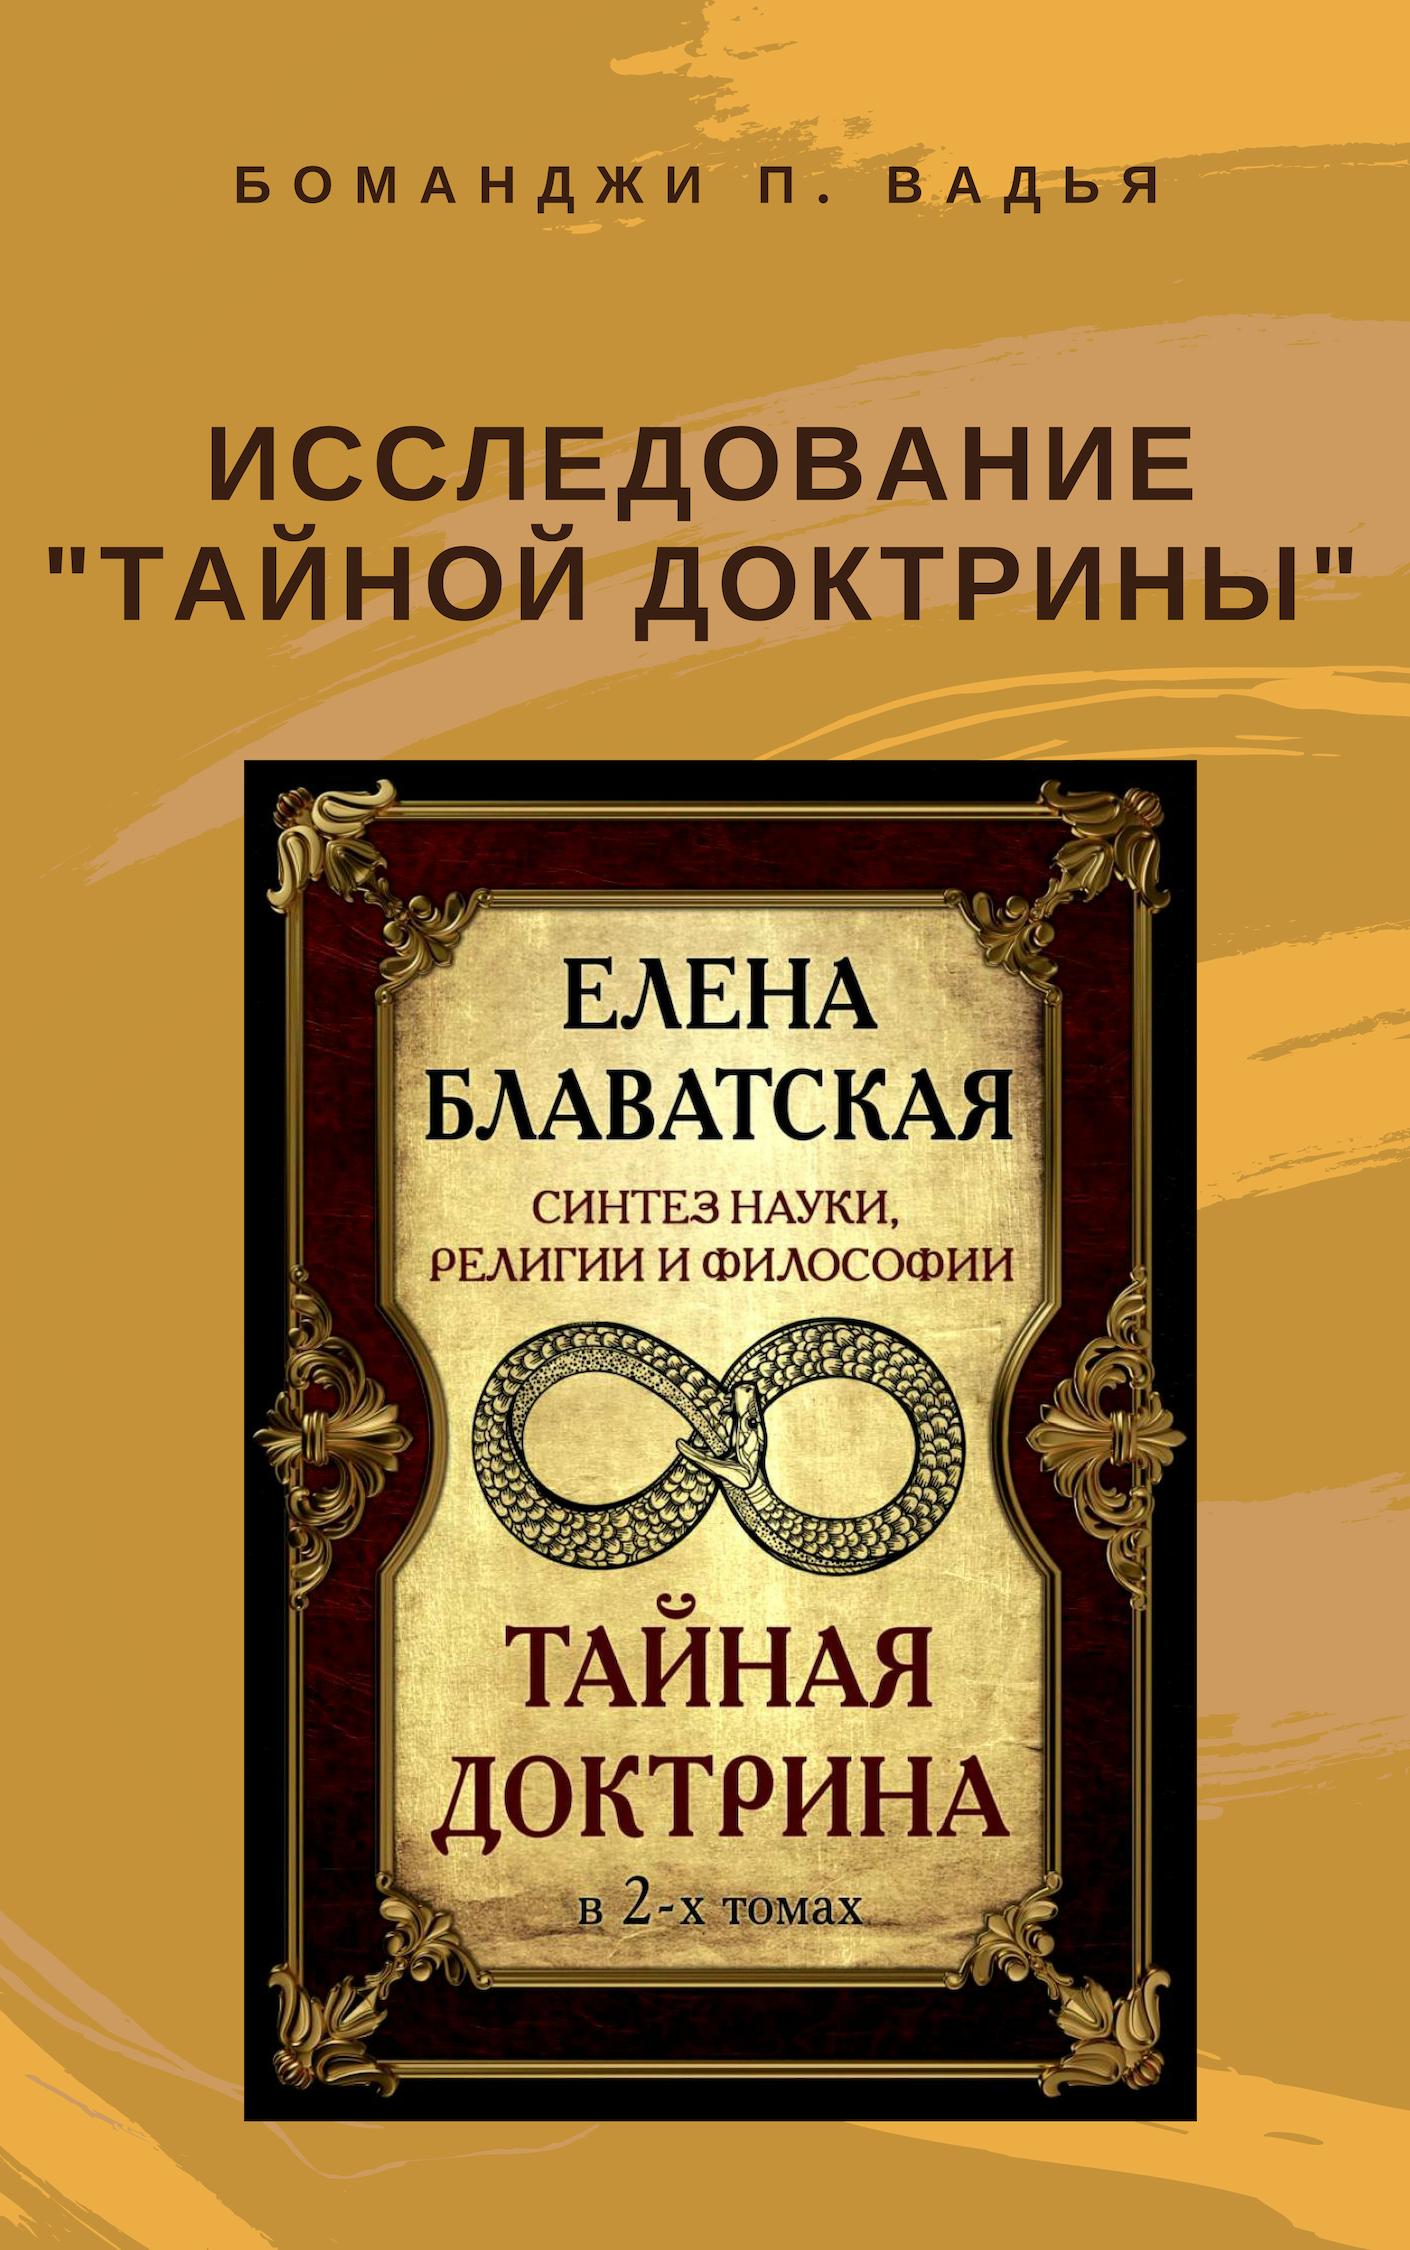 """Исследование """"Тайной Доктрины"""" 3 серия Боманджи П. Вадья"""